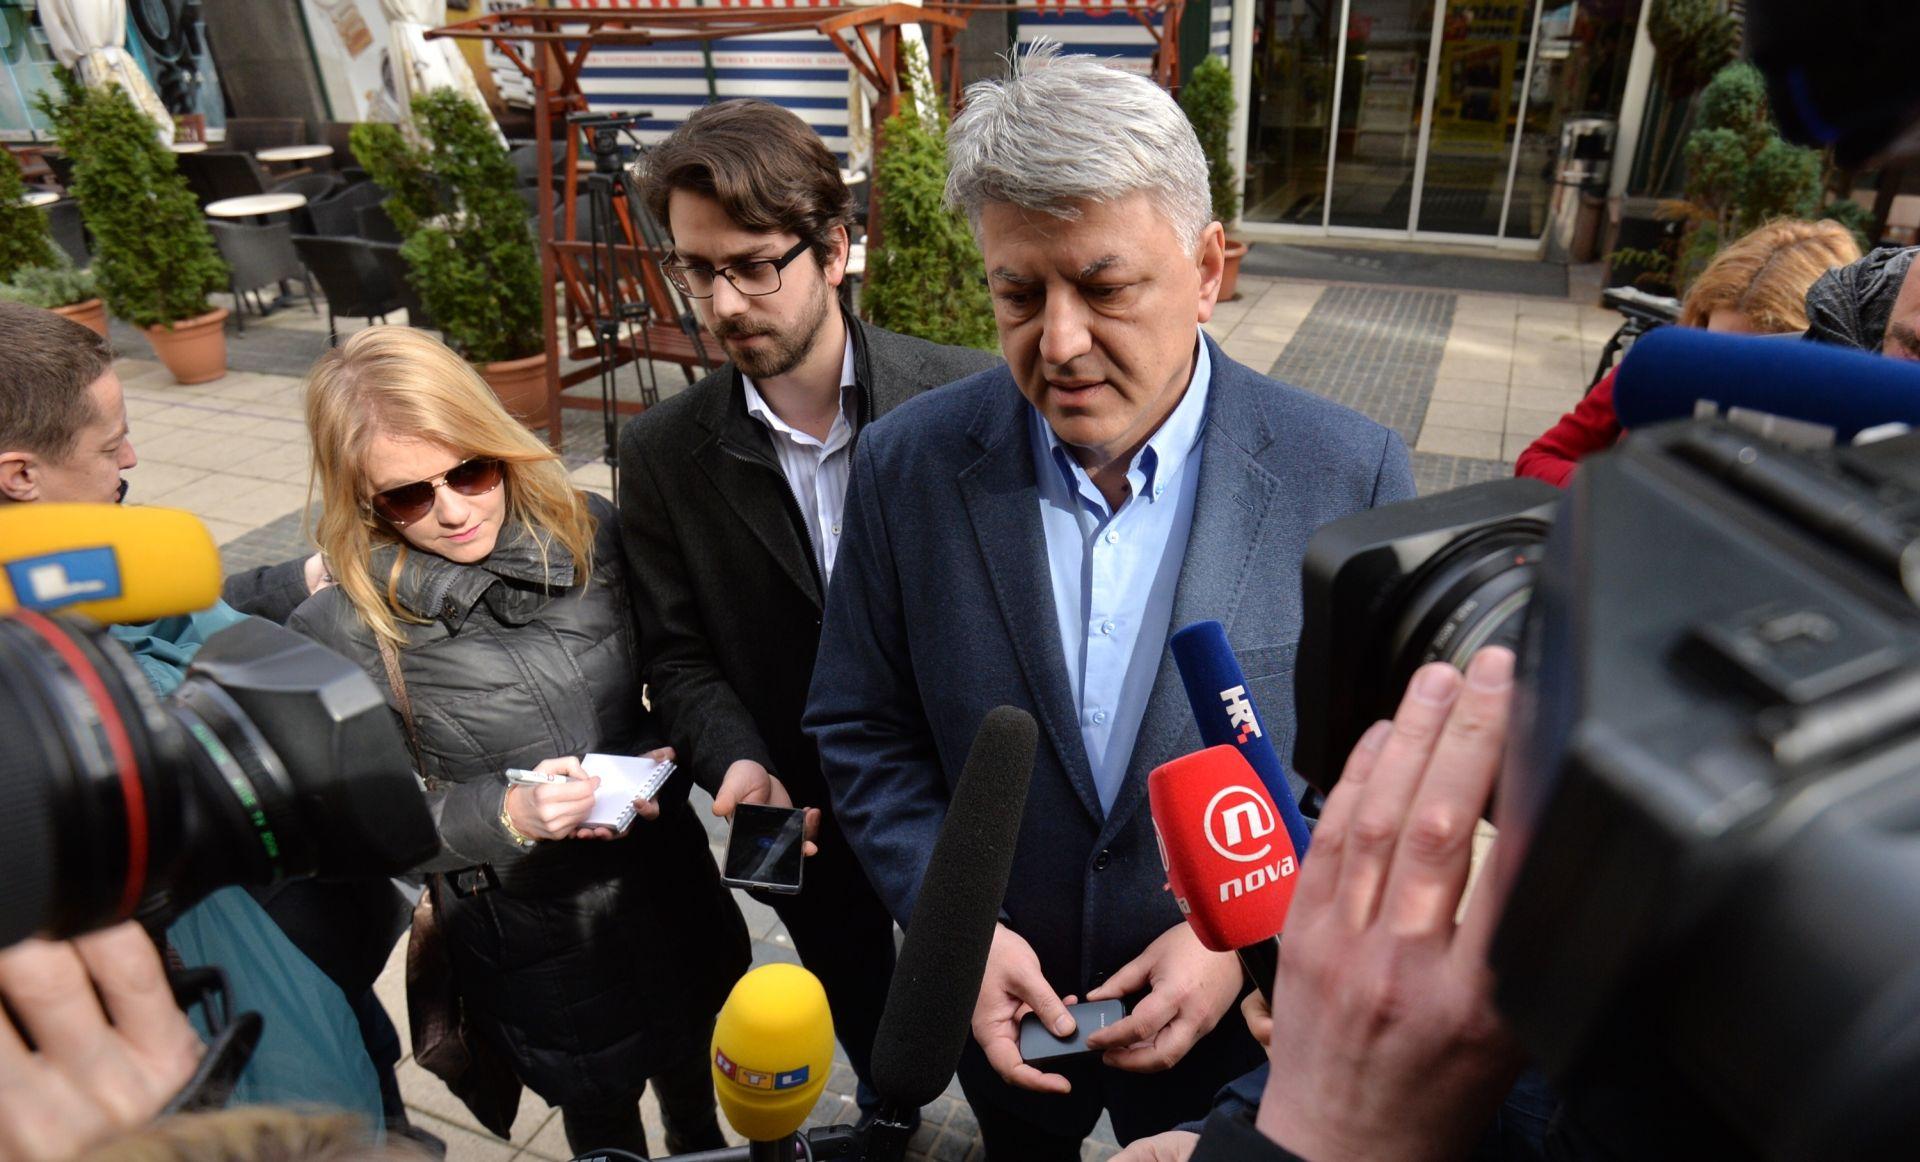 Komadina u Belom Manastiru: SDP-u trebaju promjene